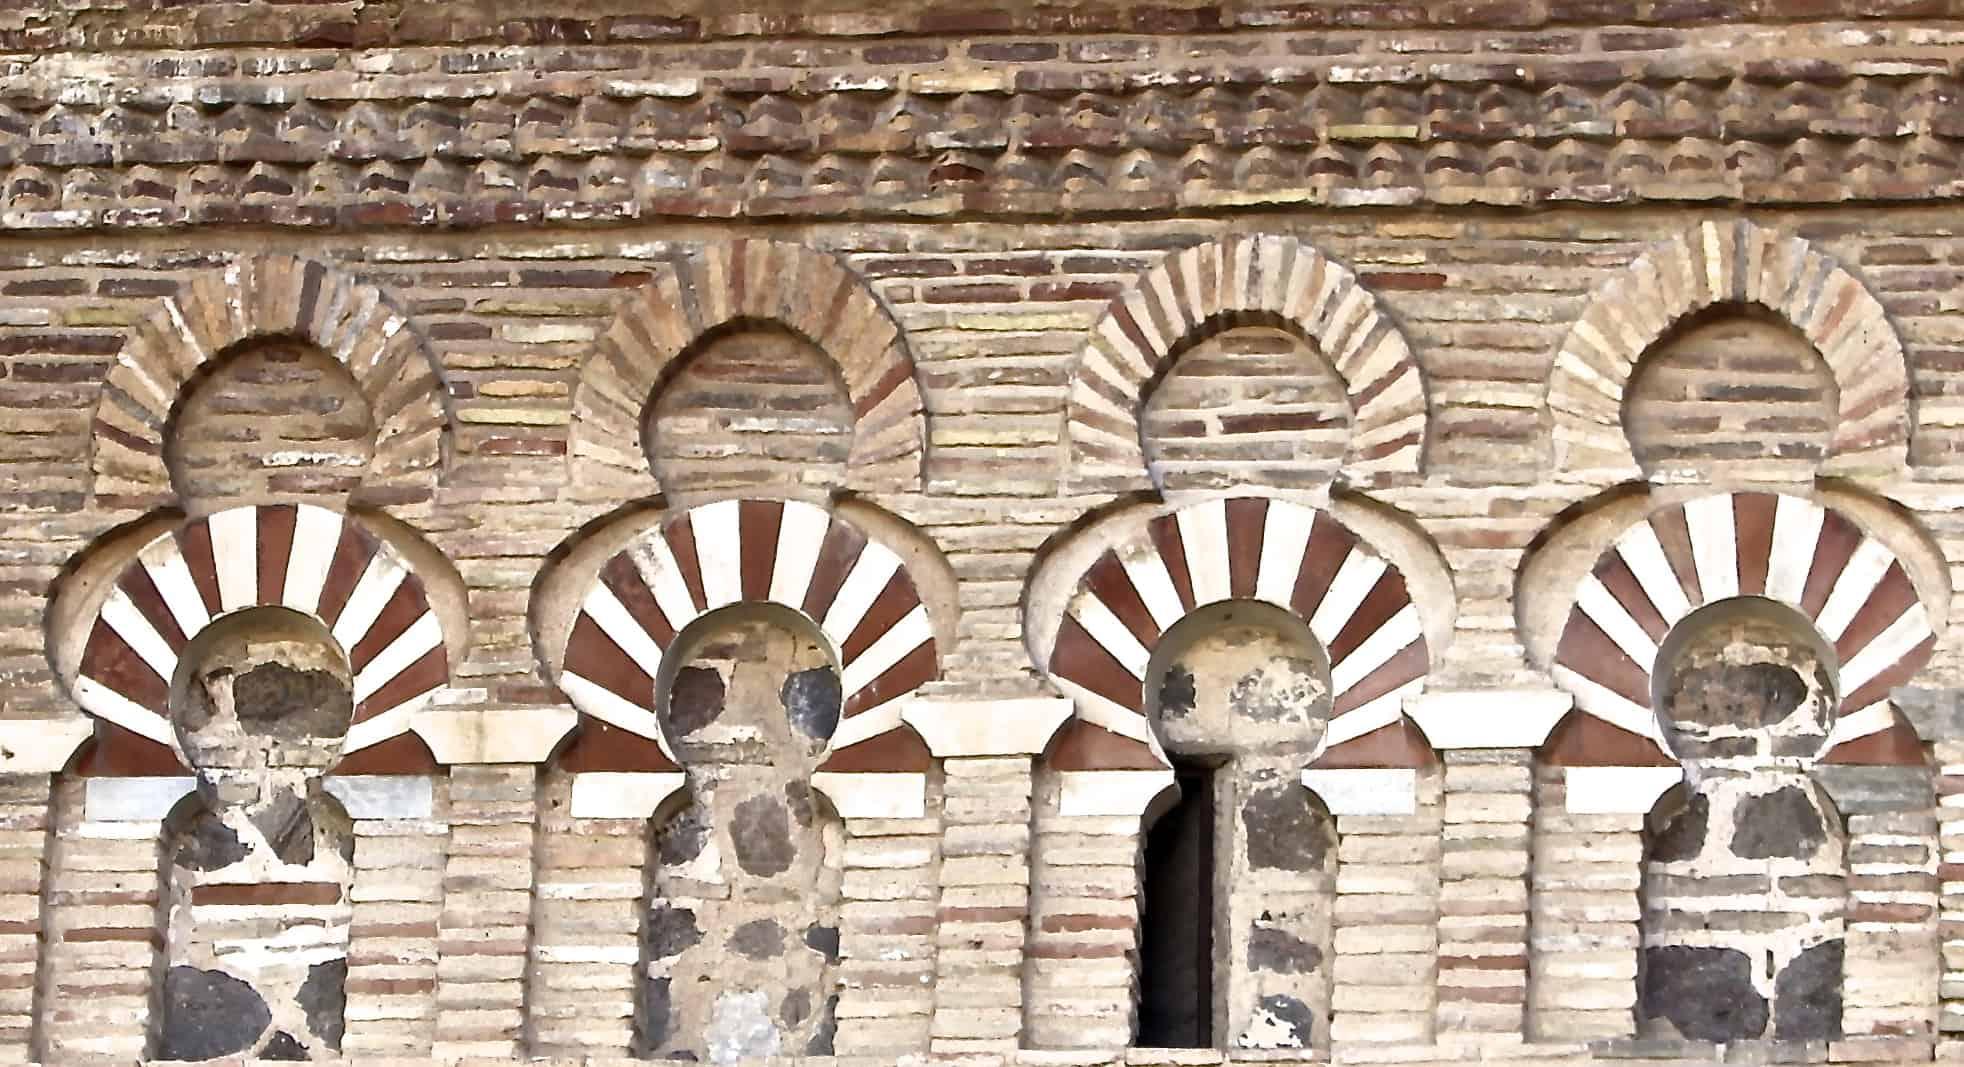 1-Arcos-ciegos-originales-en-la-fachada-alta-de-la-mezquita-del-Cristo-de-la-luz